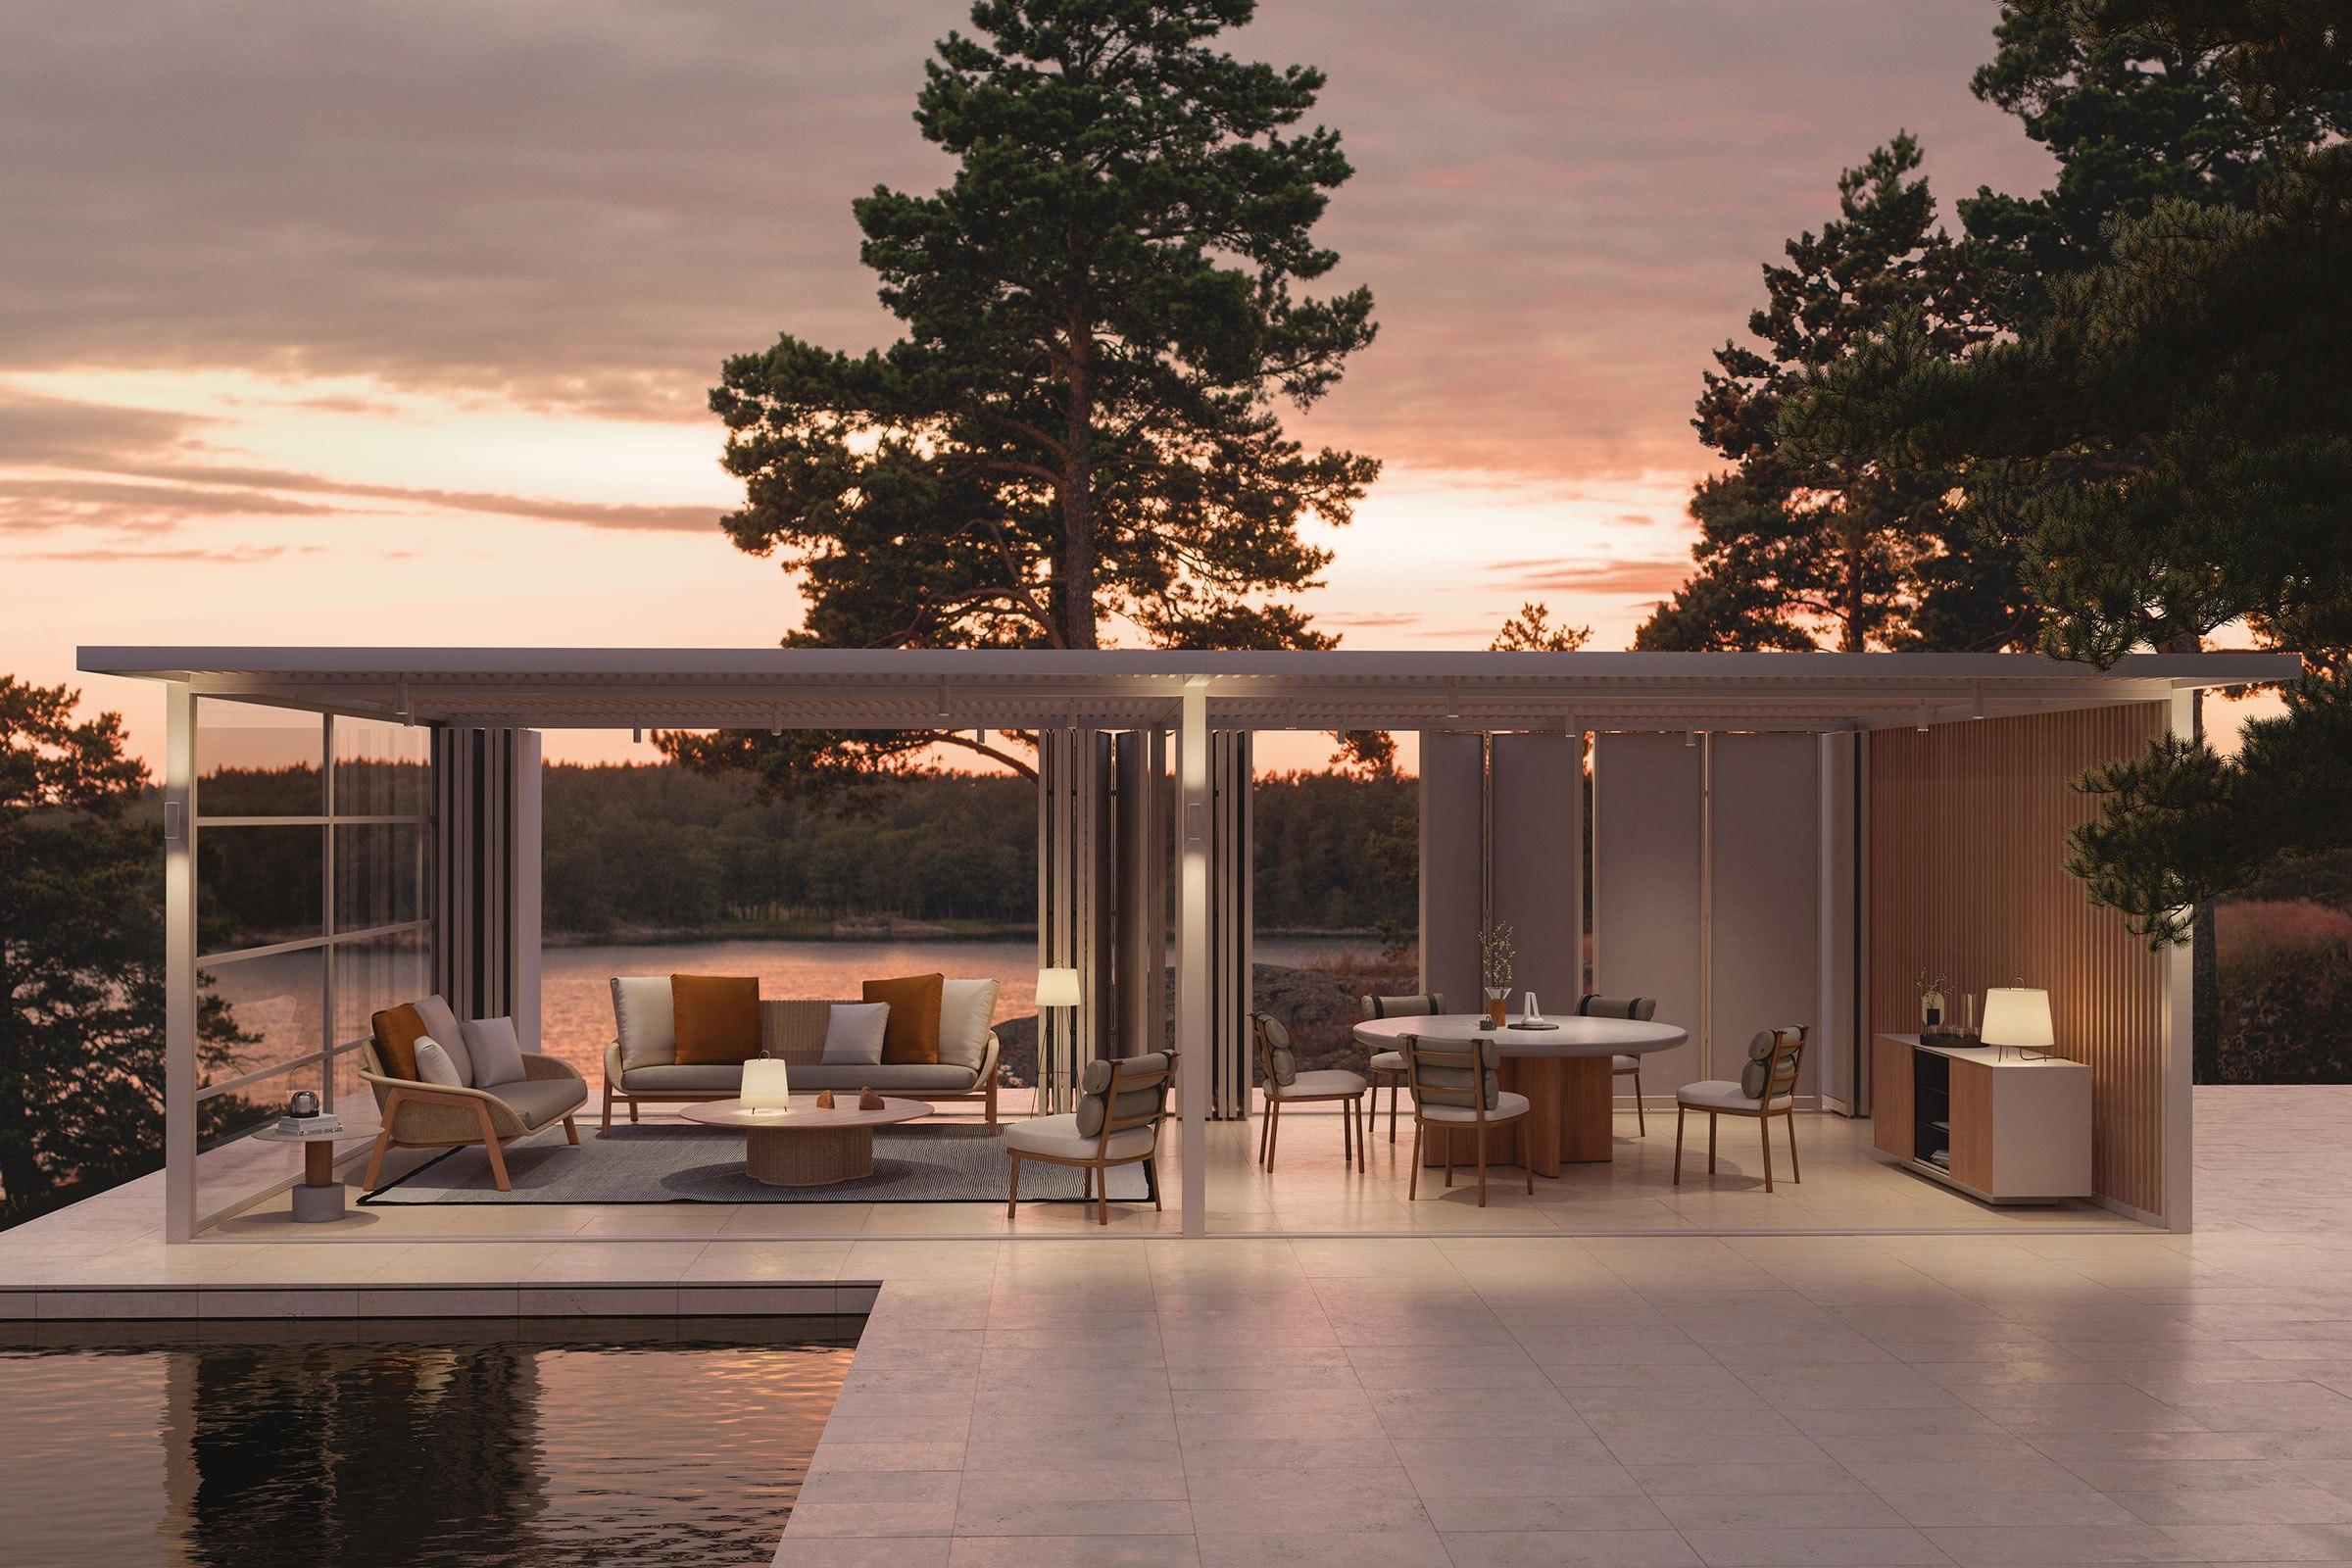 Pavillons 1513 0 0213   86   Pavilion Doble XL Pergola Terrassenmöbel - Top 10 Pergola Pavilon